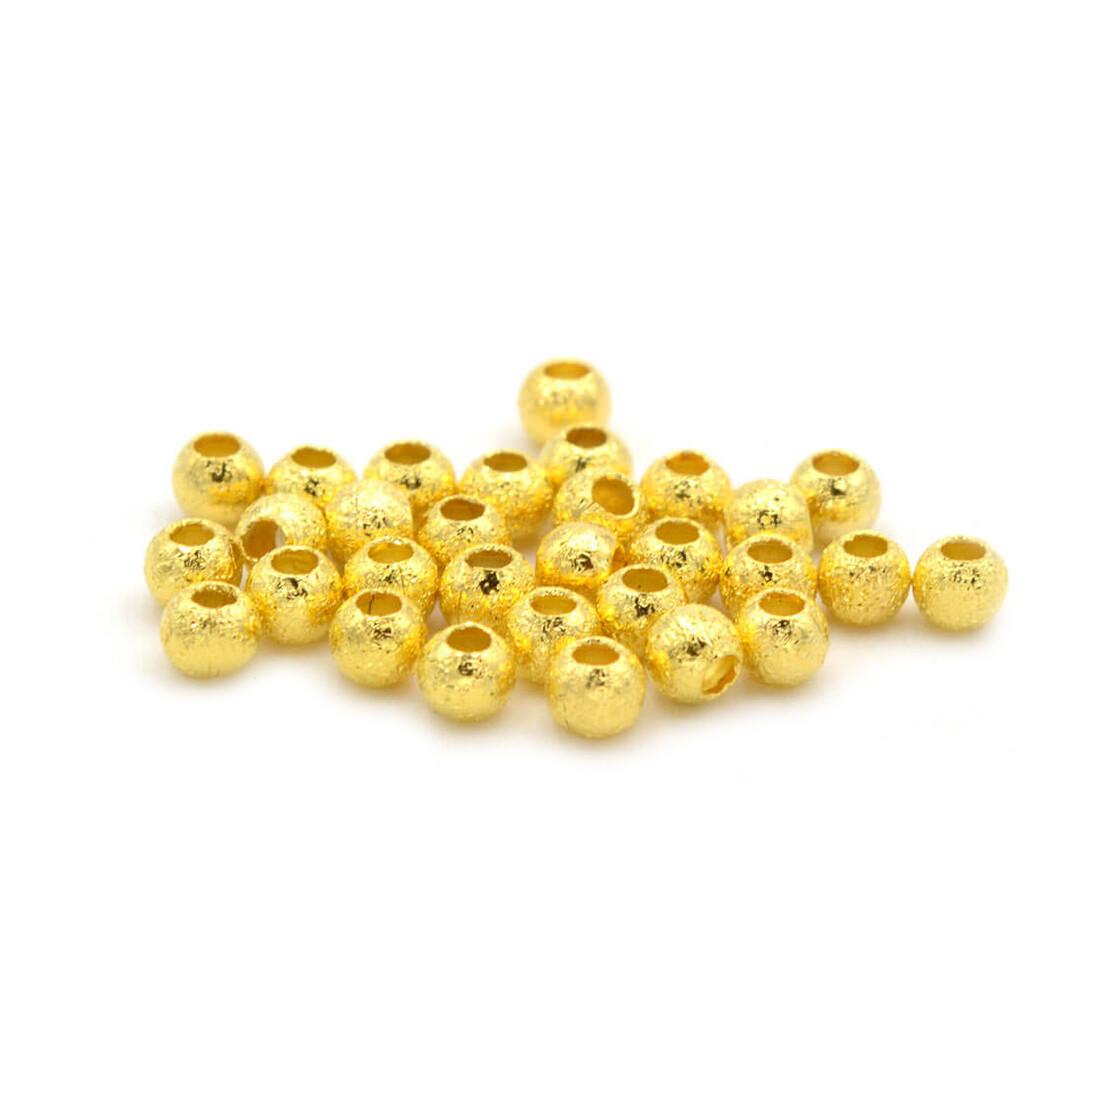 1486 10 Holzperlen 18mm Perlen mit Herz Basteln Deko Beads Holz